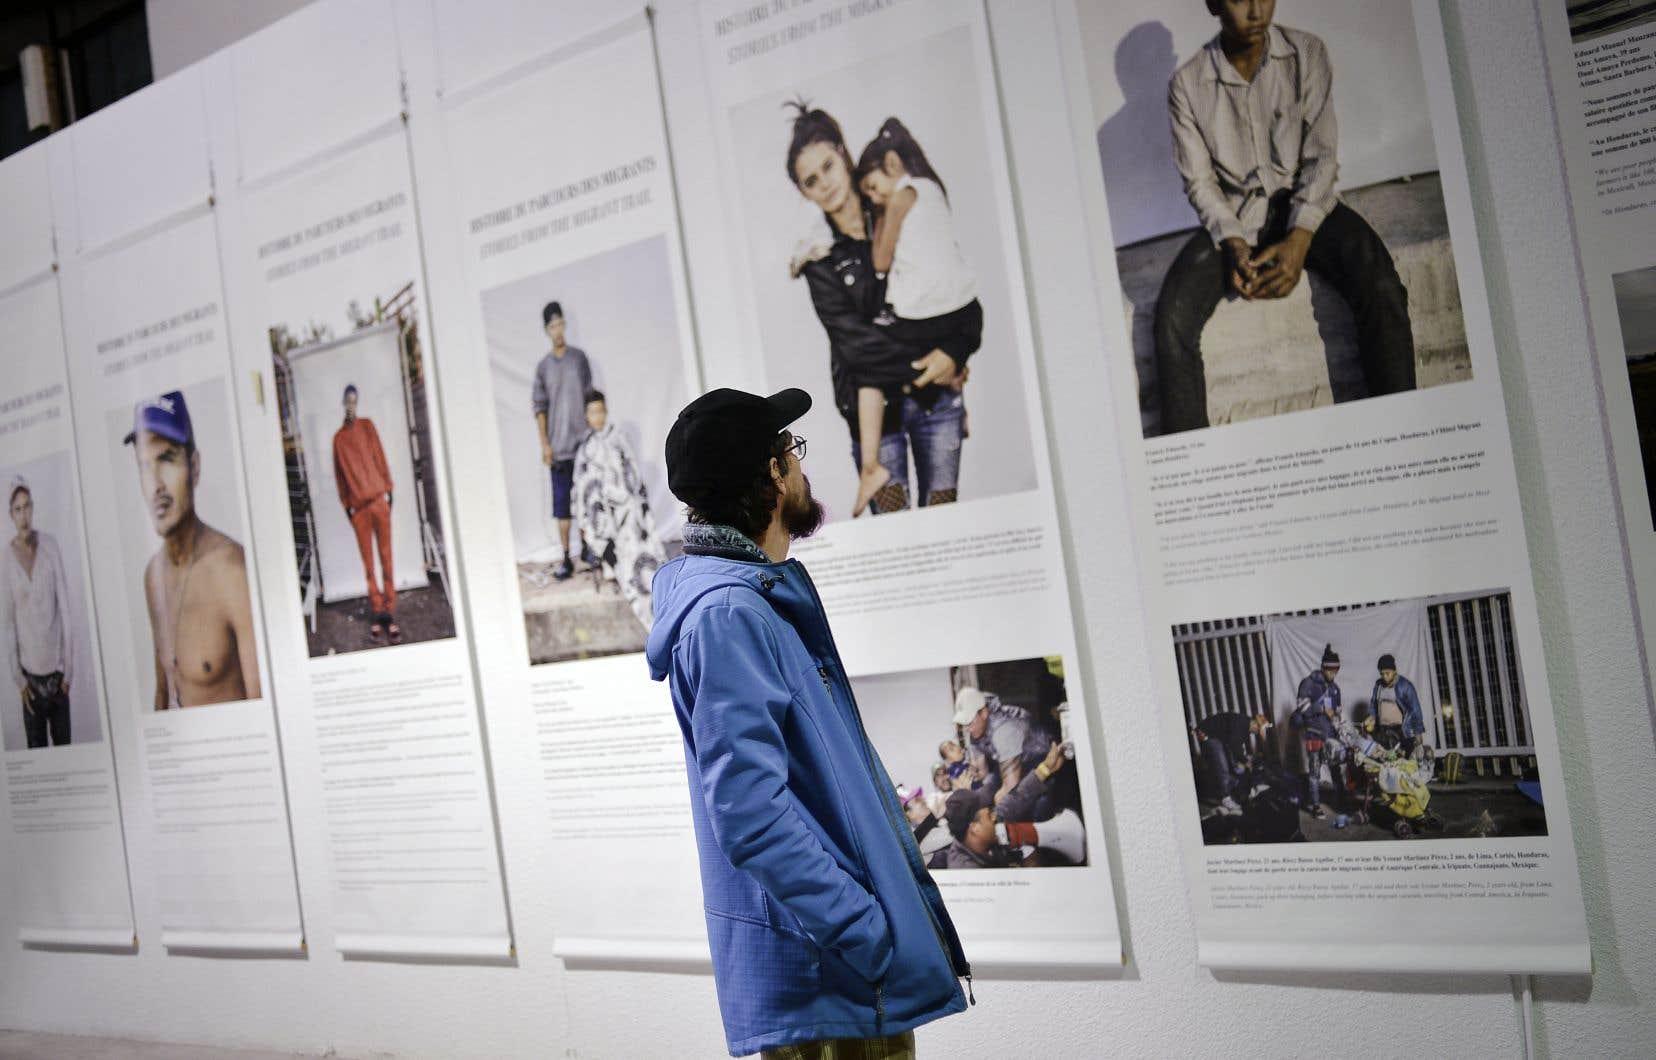 Parmi les expositions, on trouve Histoires issues de la route de la migration, de Brett Gundlock, sur la caravane de migrants pendant la traversée du Mexique en 2018.